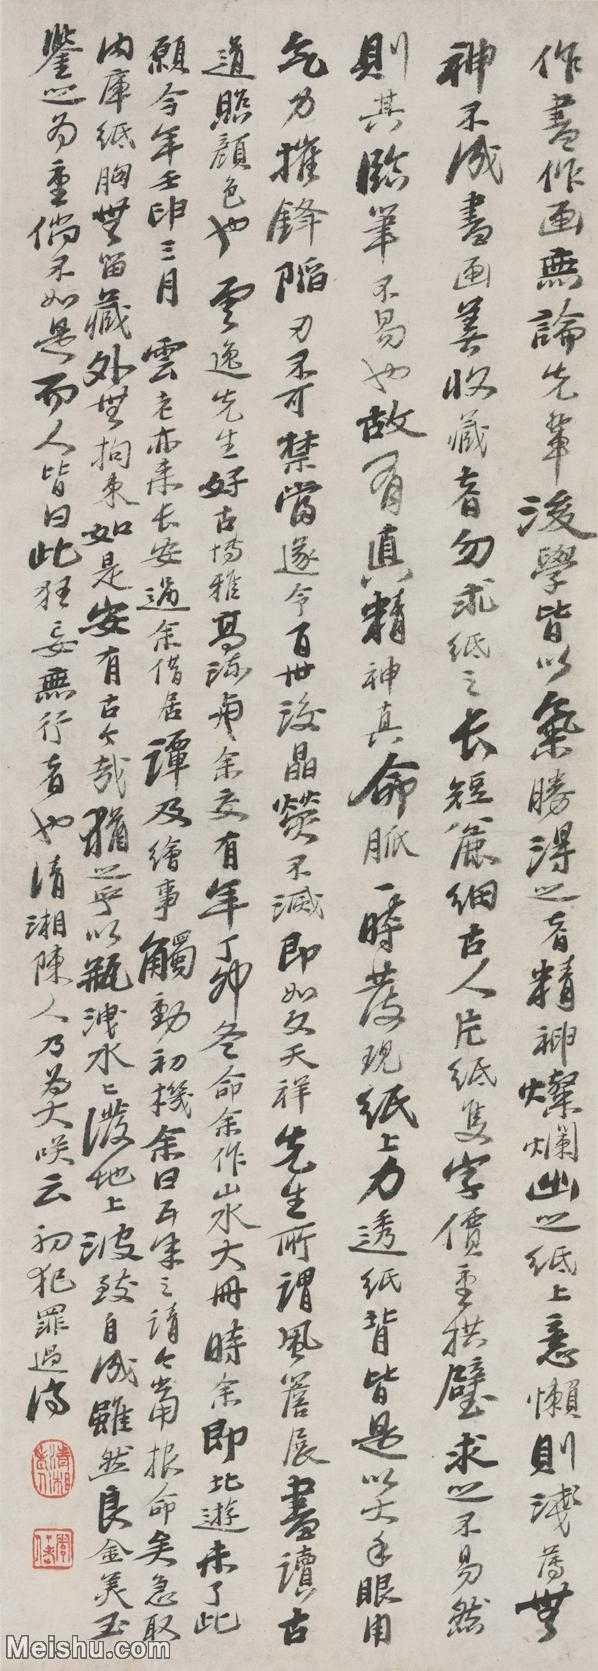 【打印级】SF5290449书法立轴行书论书贴-清-石涛-纸本-30x83.5-40x111.5-27x74.9图片-8